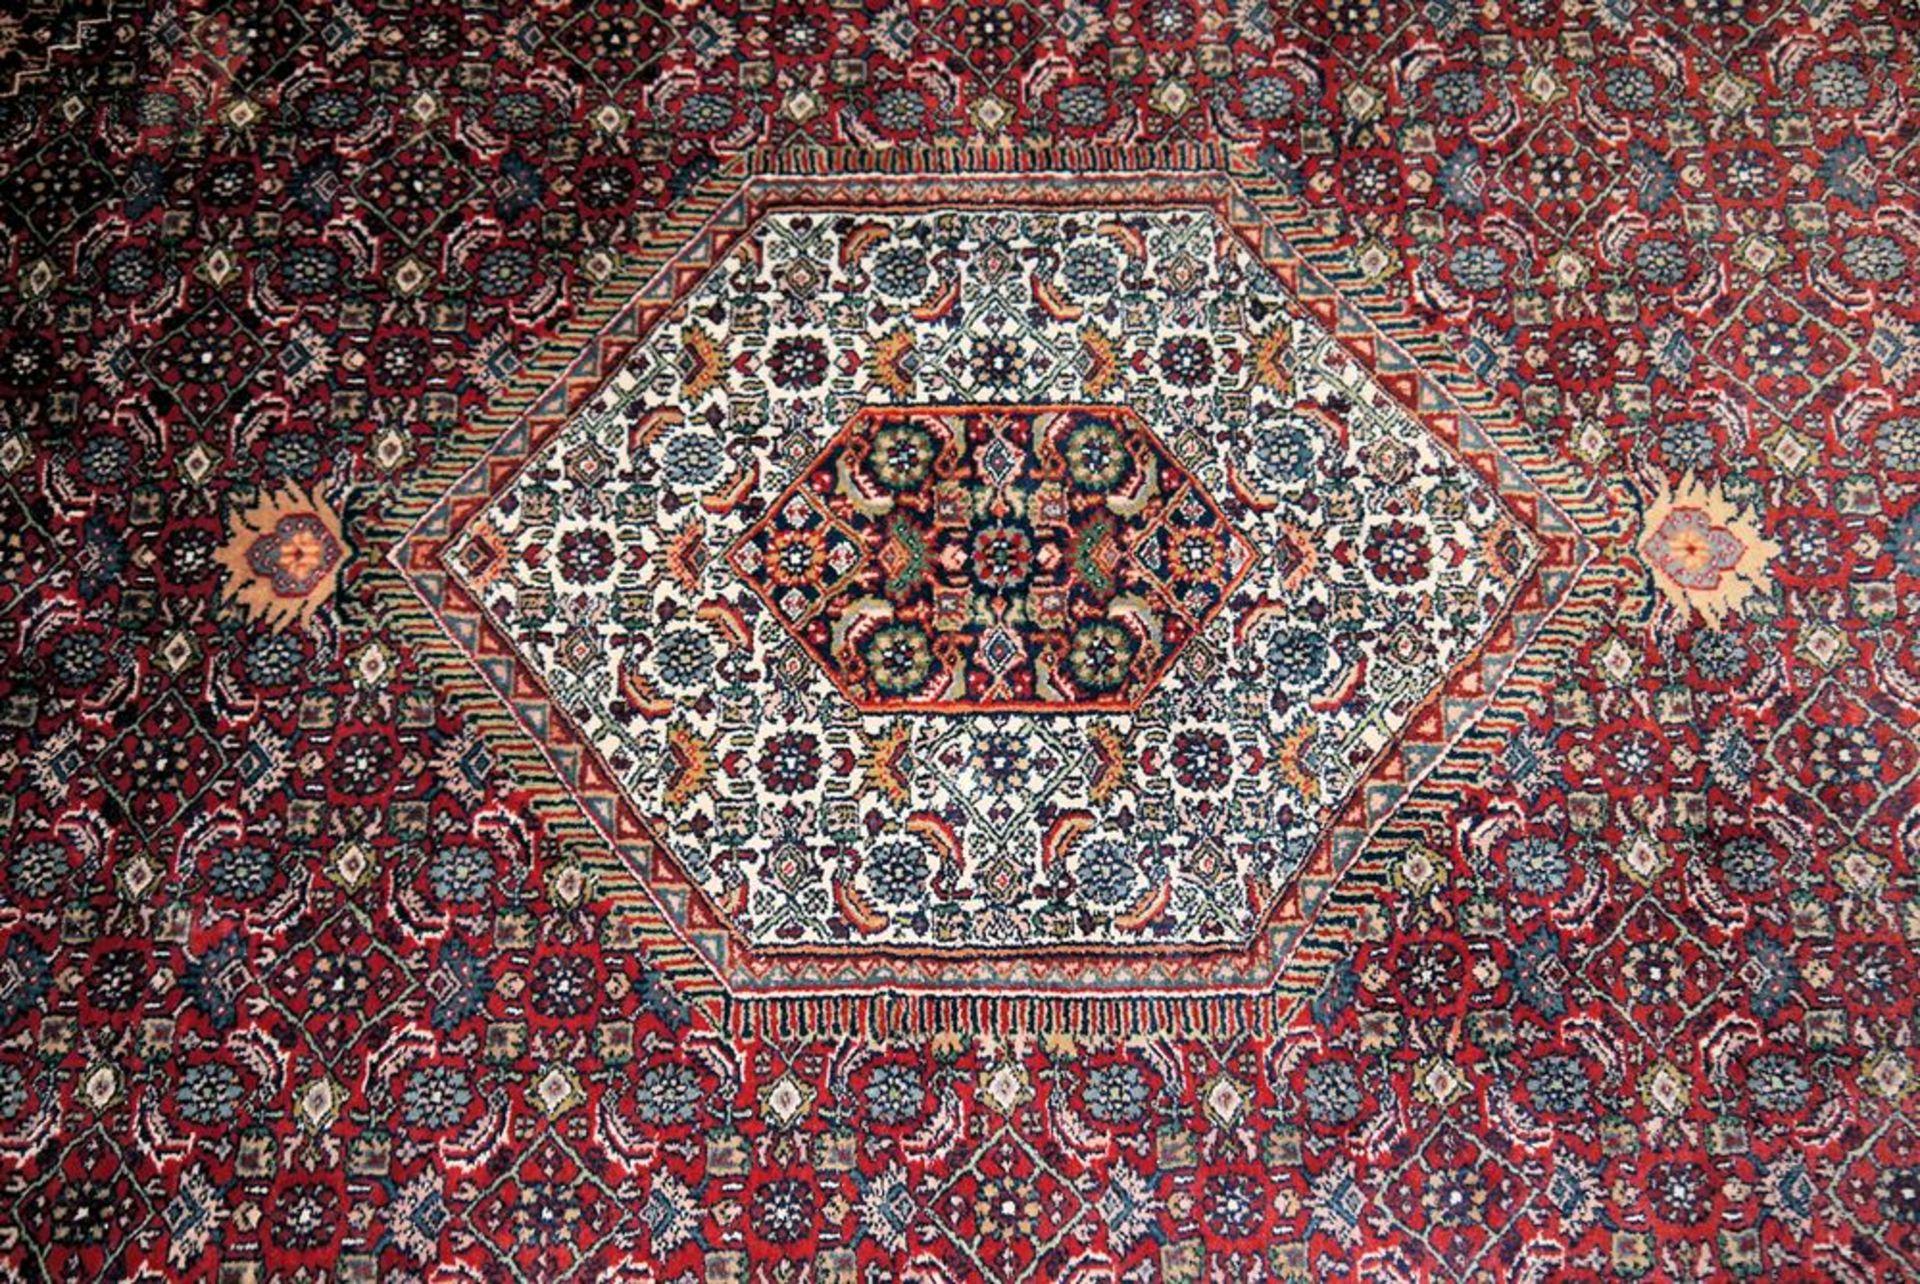 Paar große Orientteppiche Indo-Bidjar & kleiner Läufer, Bidjar, Persien - Bild 3 aus 5